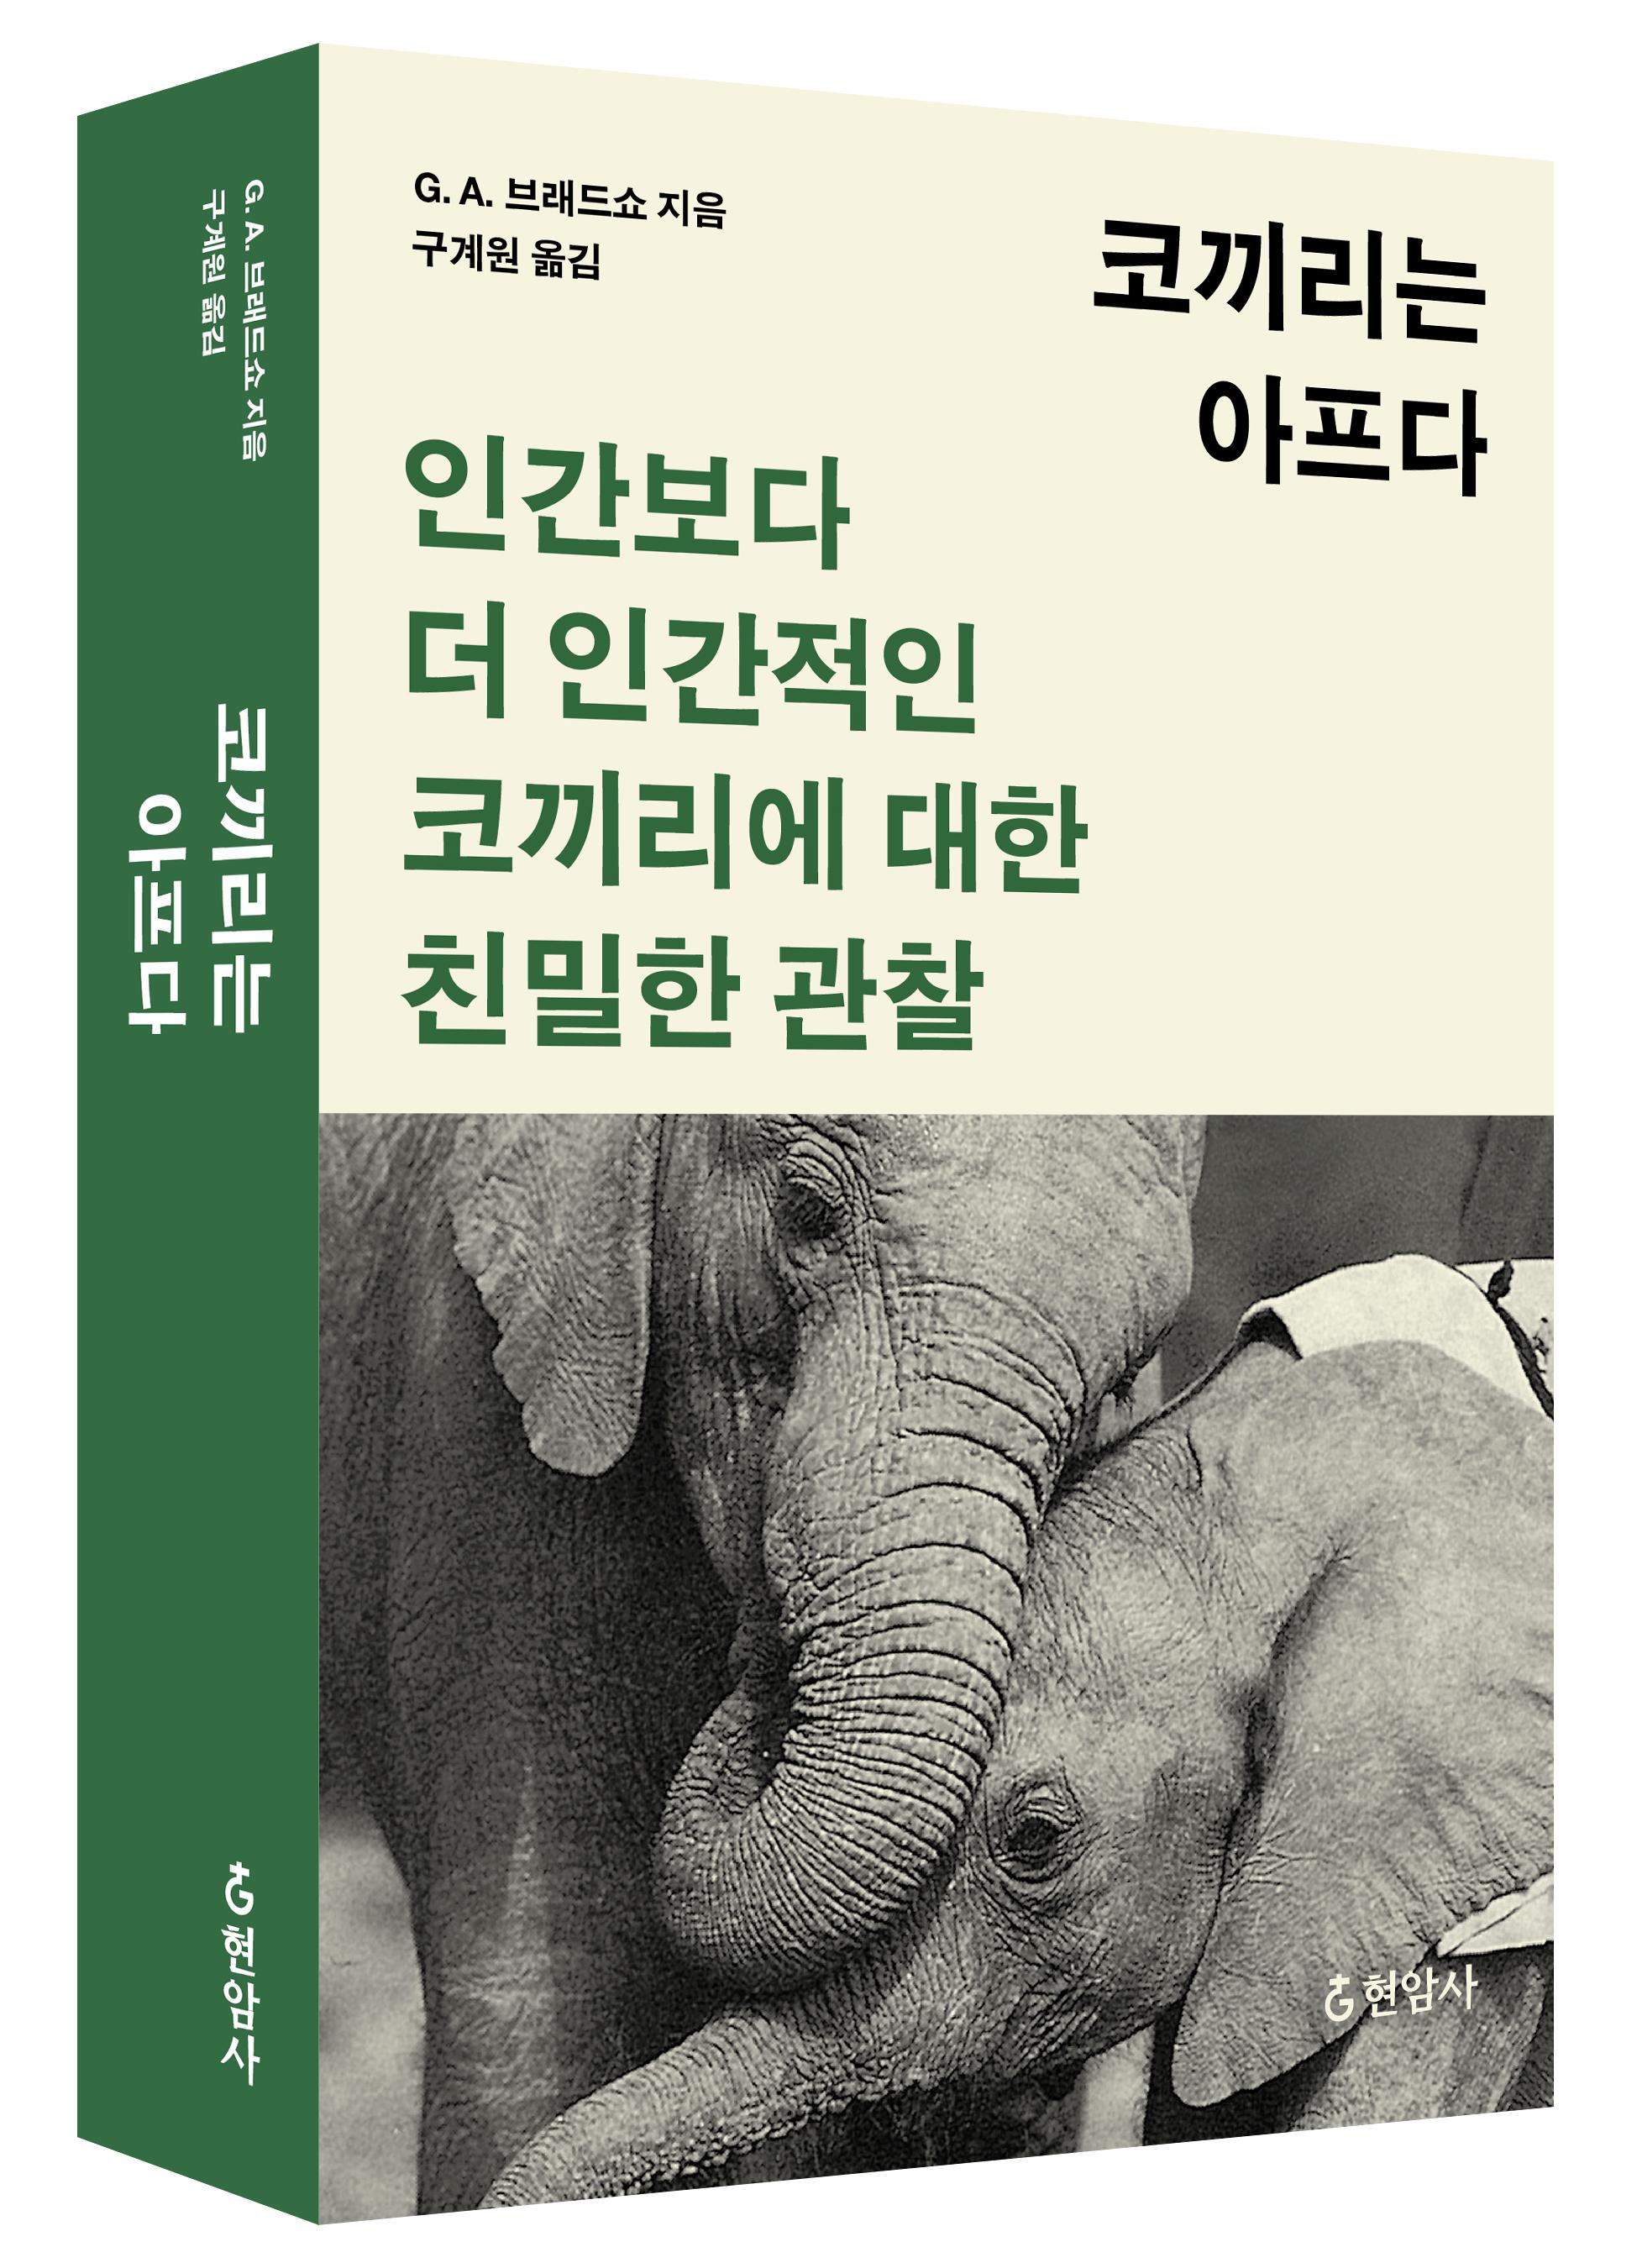 <코끼리는아프다>